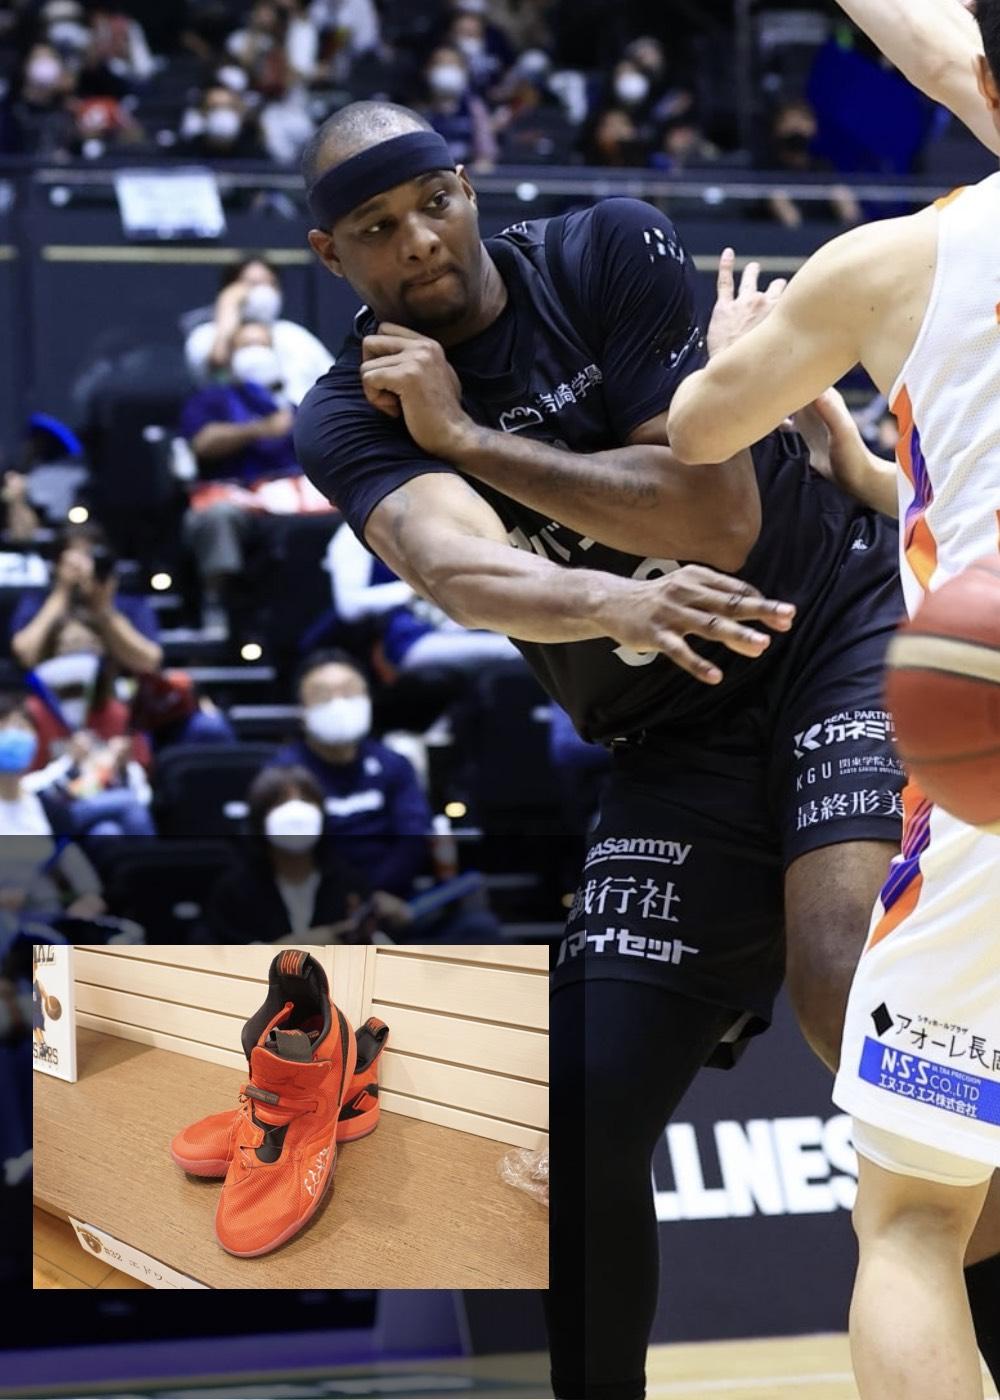 【公式】実使用・本人直筆サイン入り「バスケットボールシューズ」#32 エドワード・モリス